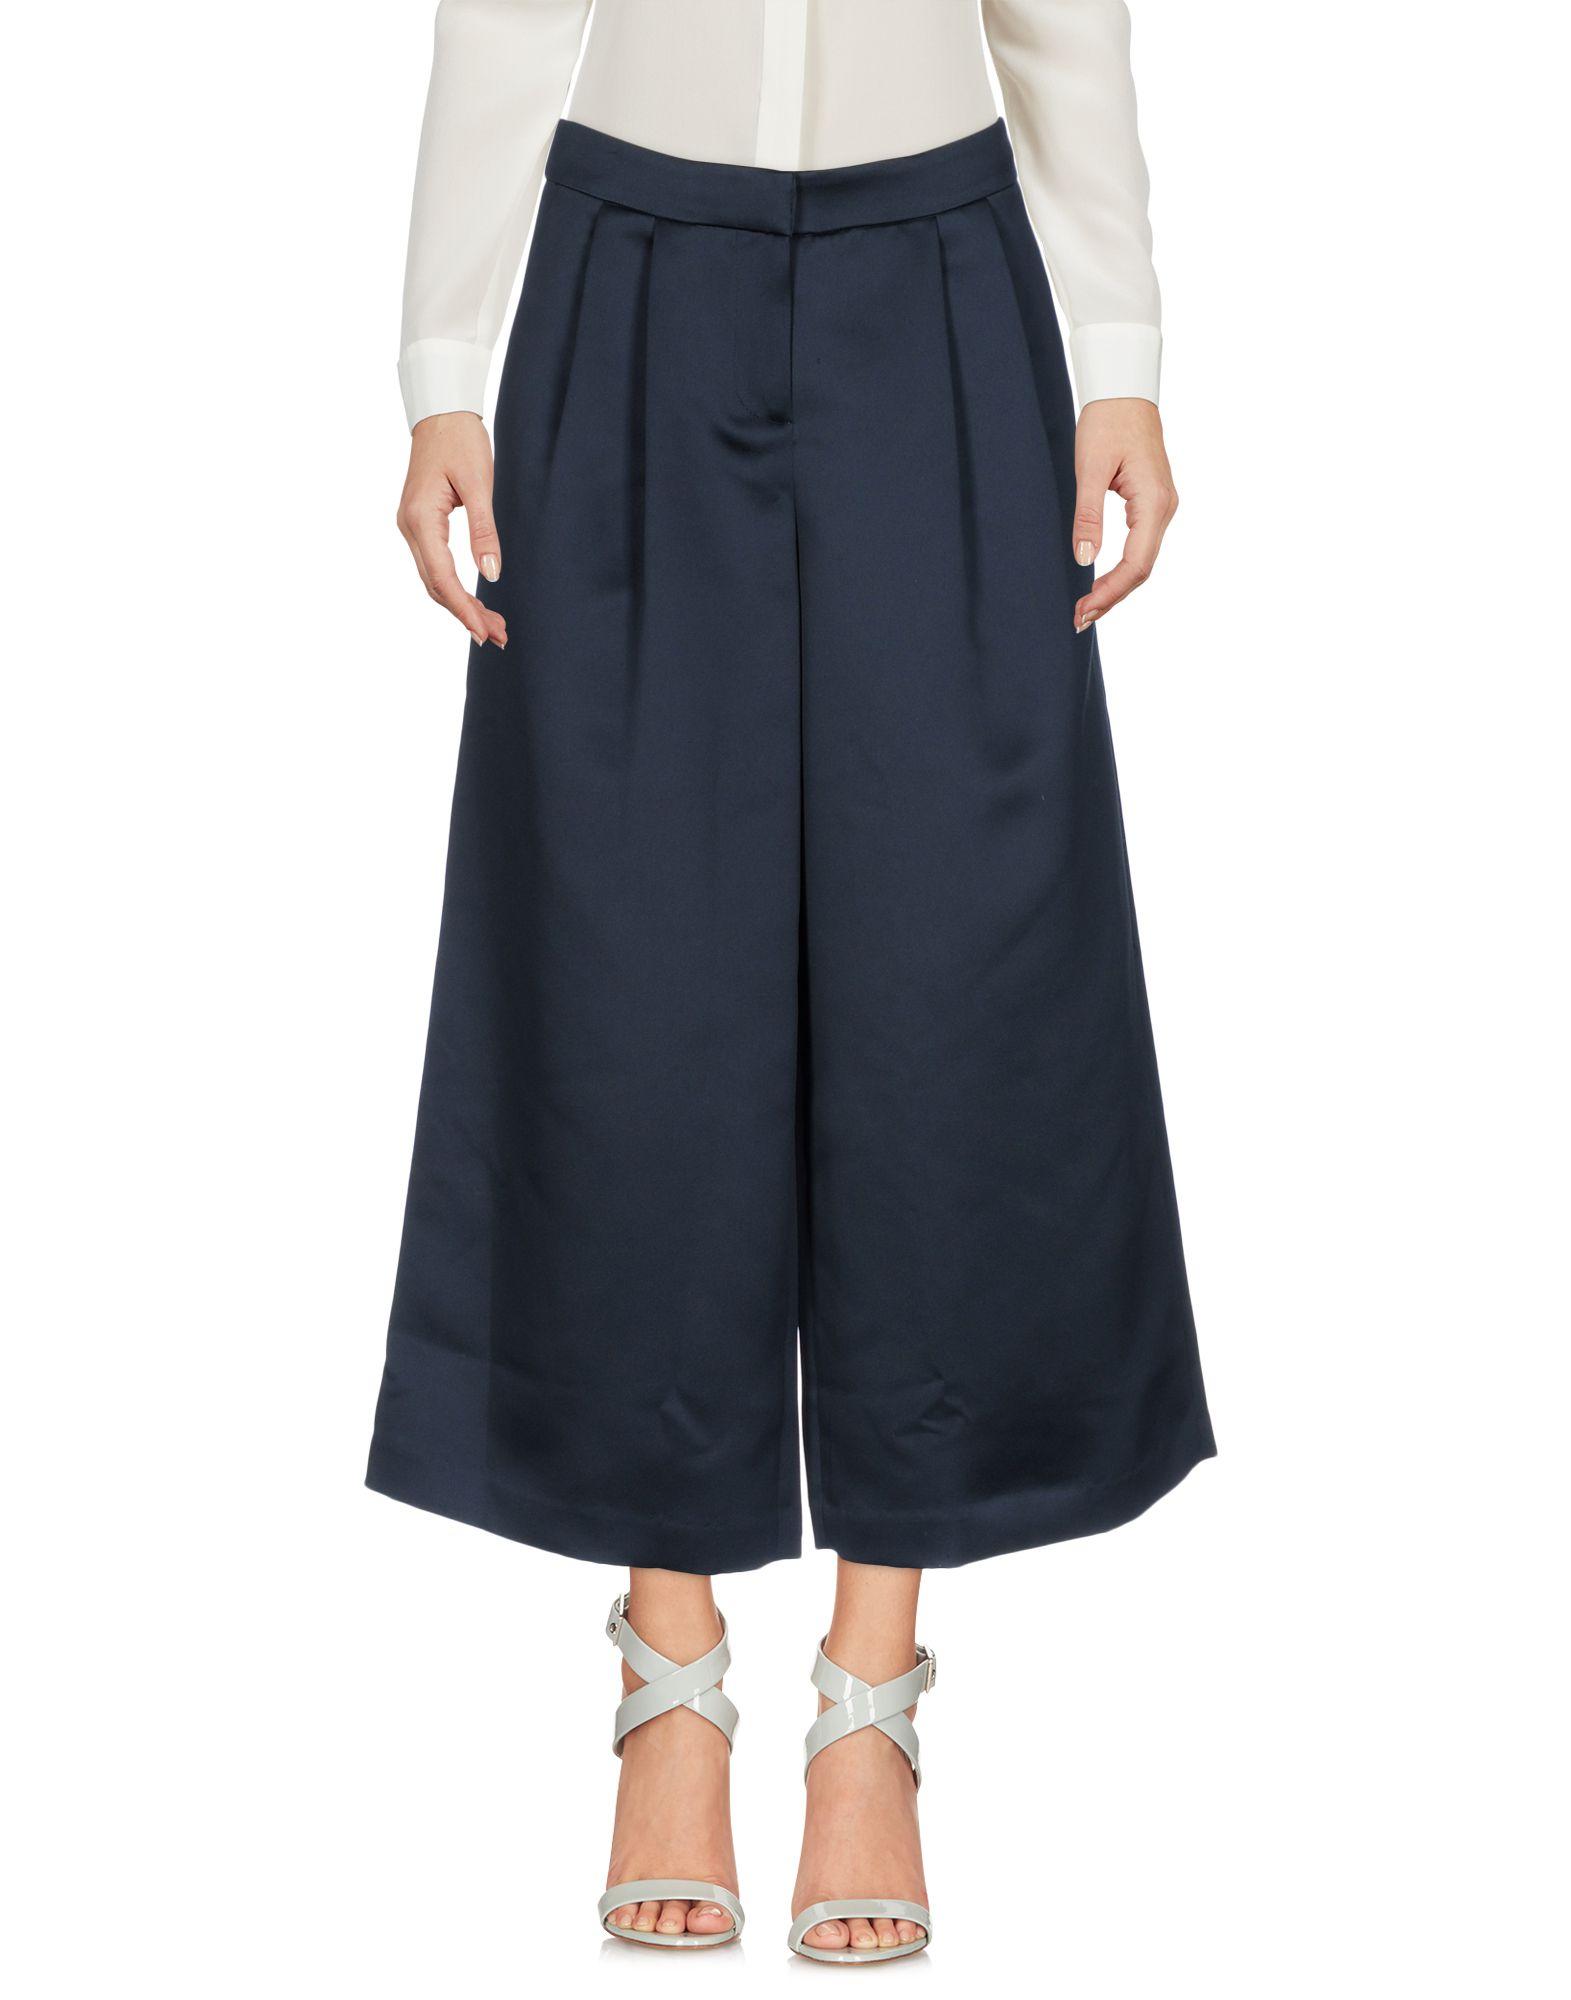 Pantalone Classico Tibi Donna - Acquista online su u9ZgxR0A7